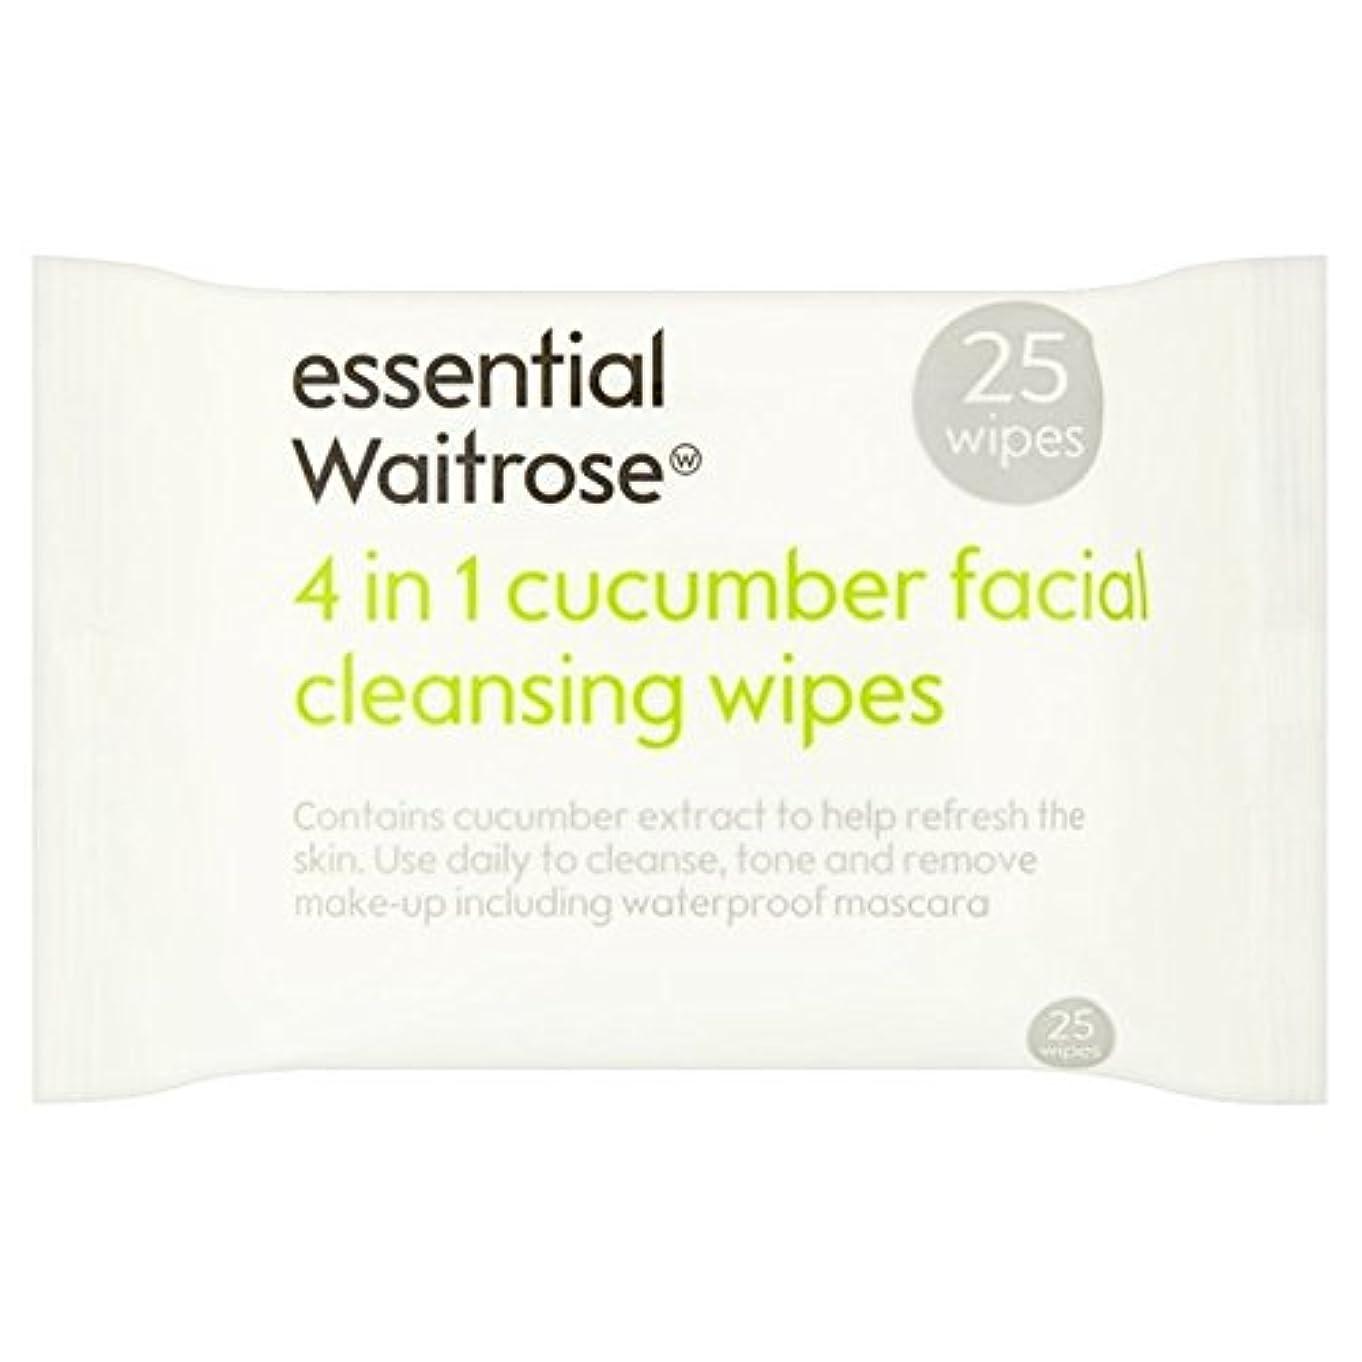 従順くそー驚きキュウリ顔のワイプパックあたり不可欠ウェイトローズ25 x4 - Cucumber Facial Wipes essential Waitrose 25 per pack (Pack of 4) [並行輸入品]